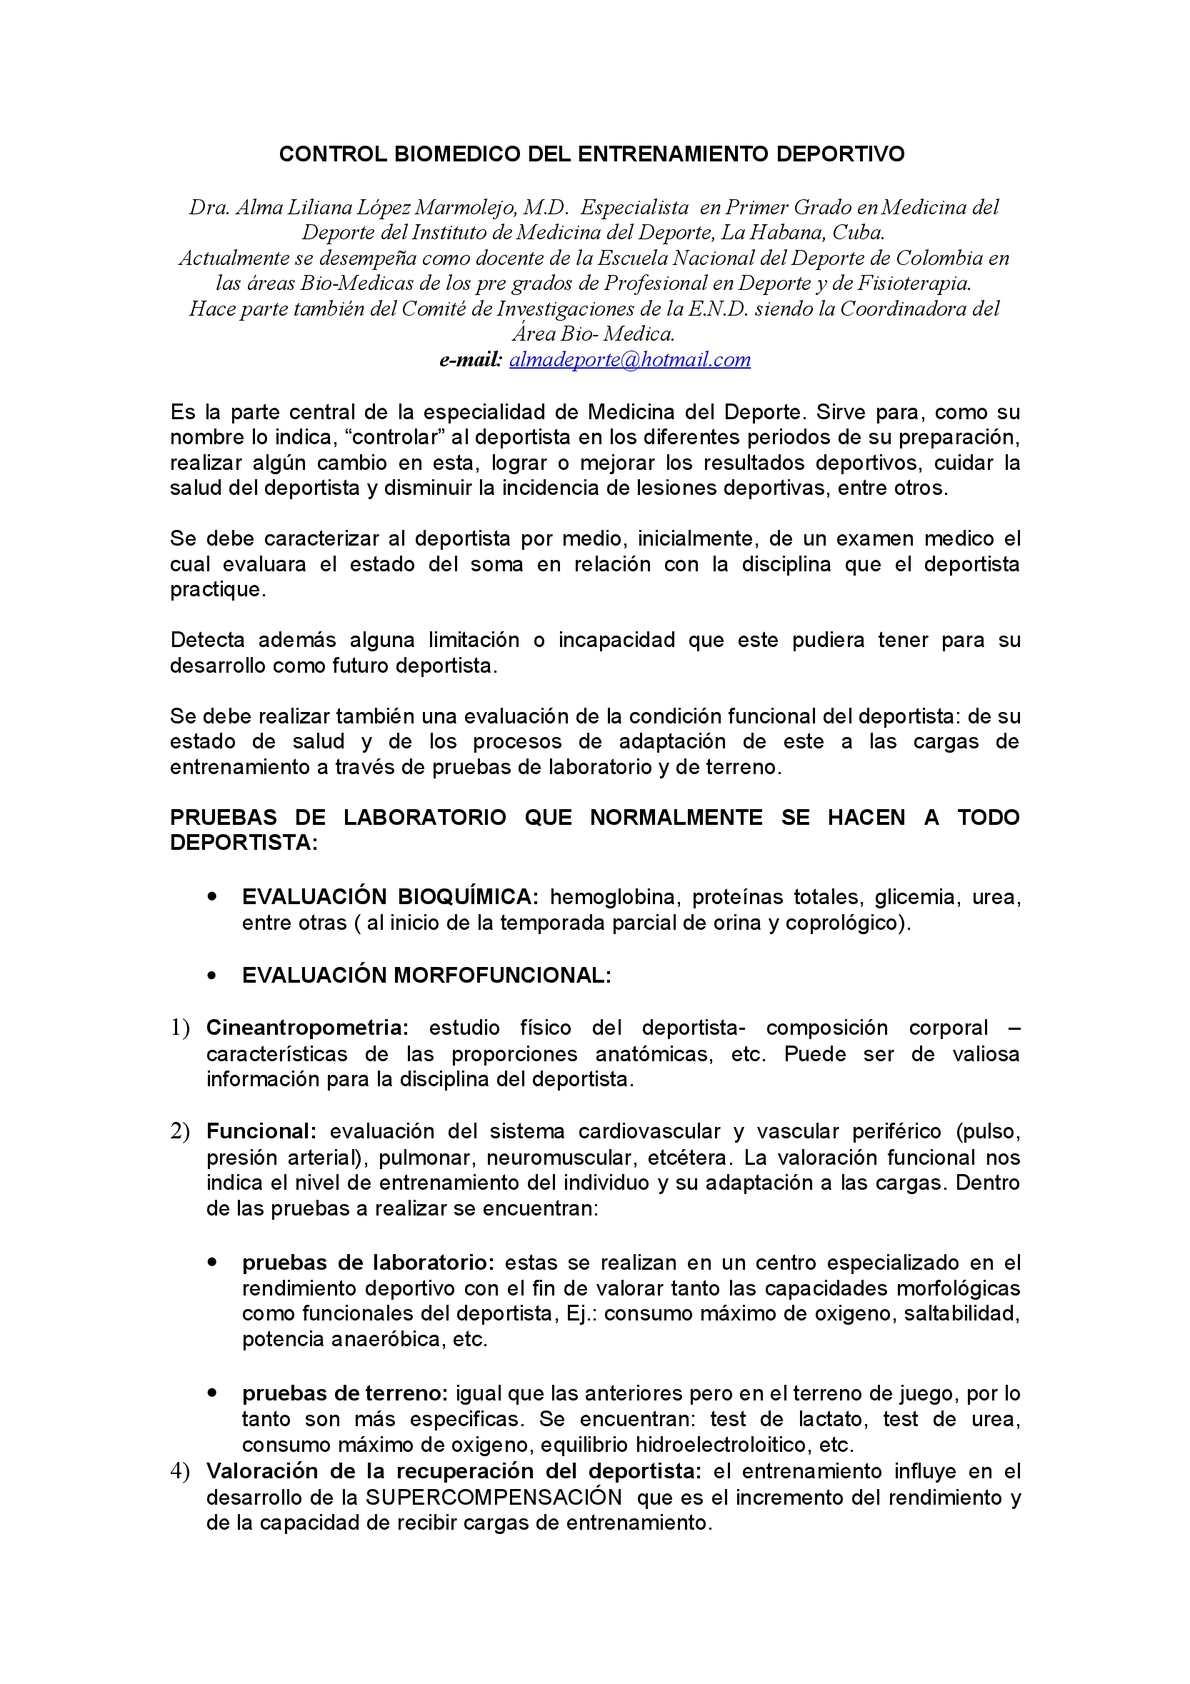 Calaméo - Control Biomédico del Entrenamiento Deportivo